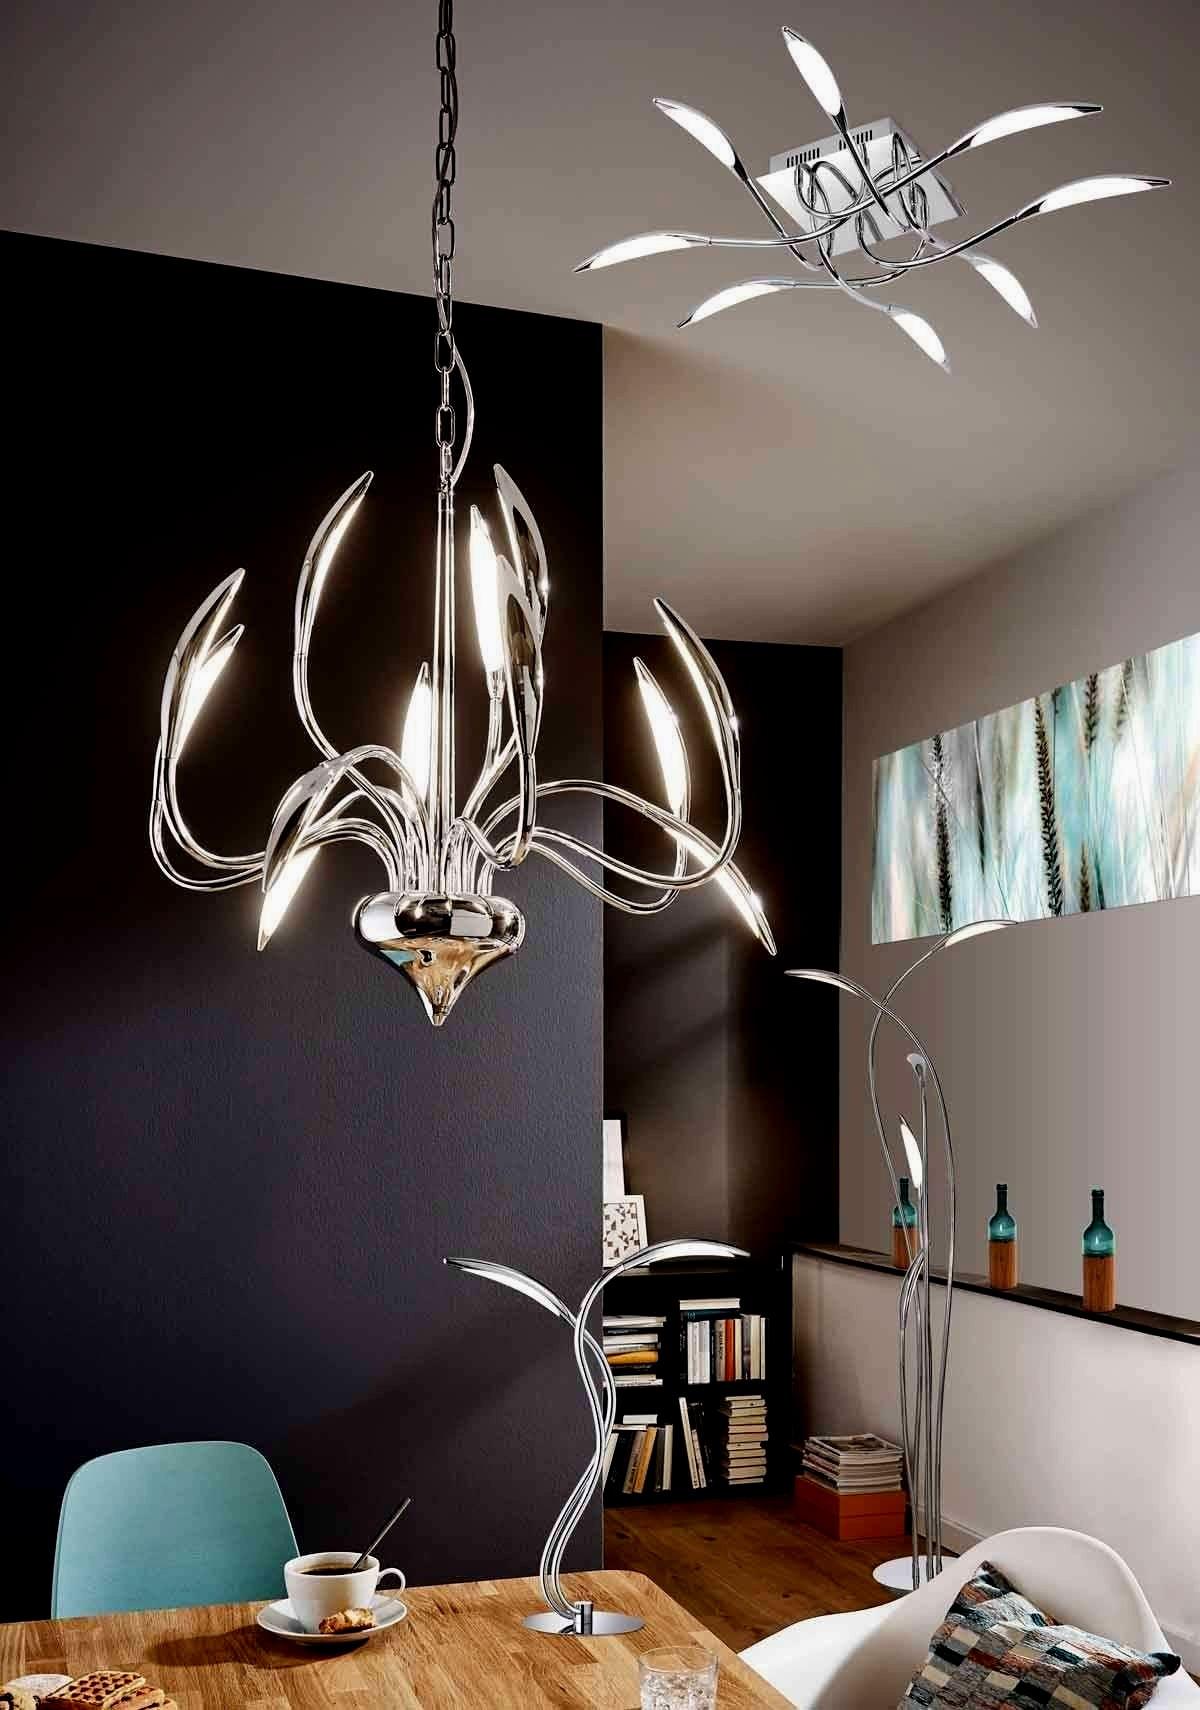 Lampen Online Kaufen  Fantastisch Wofi Lampen Günstig Kaufen Shop line